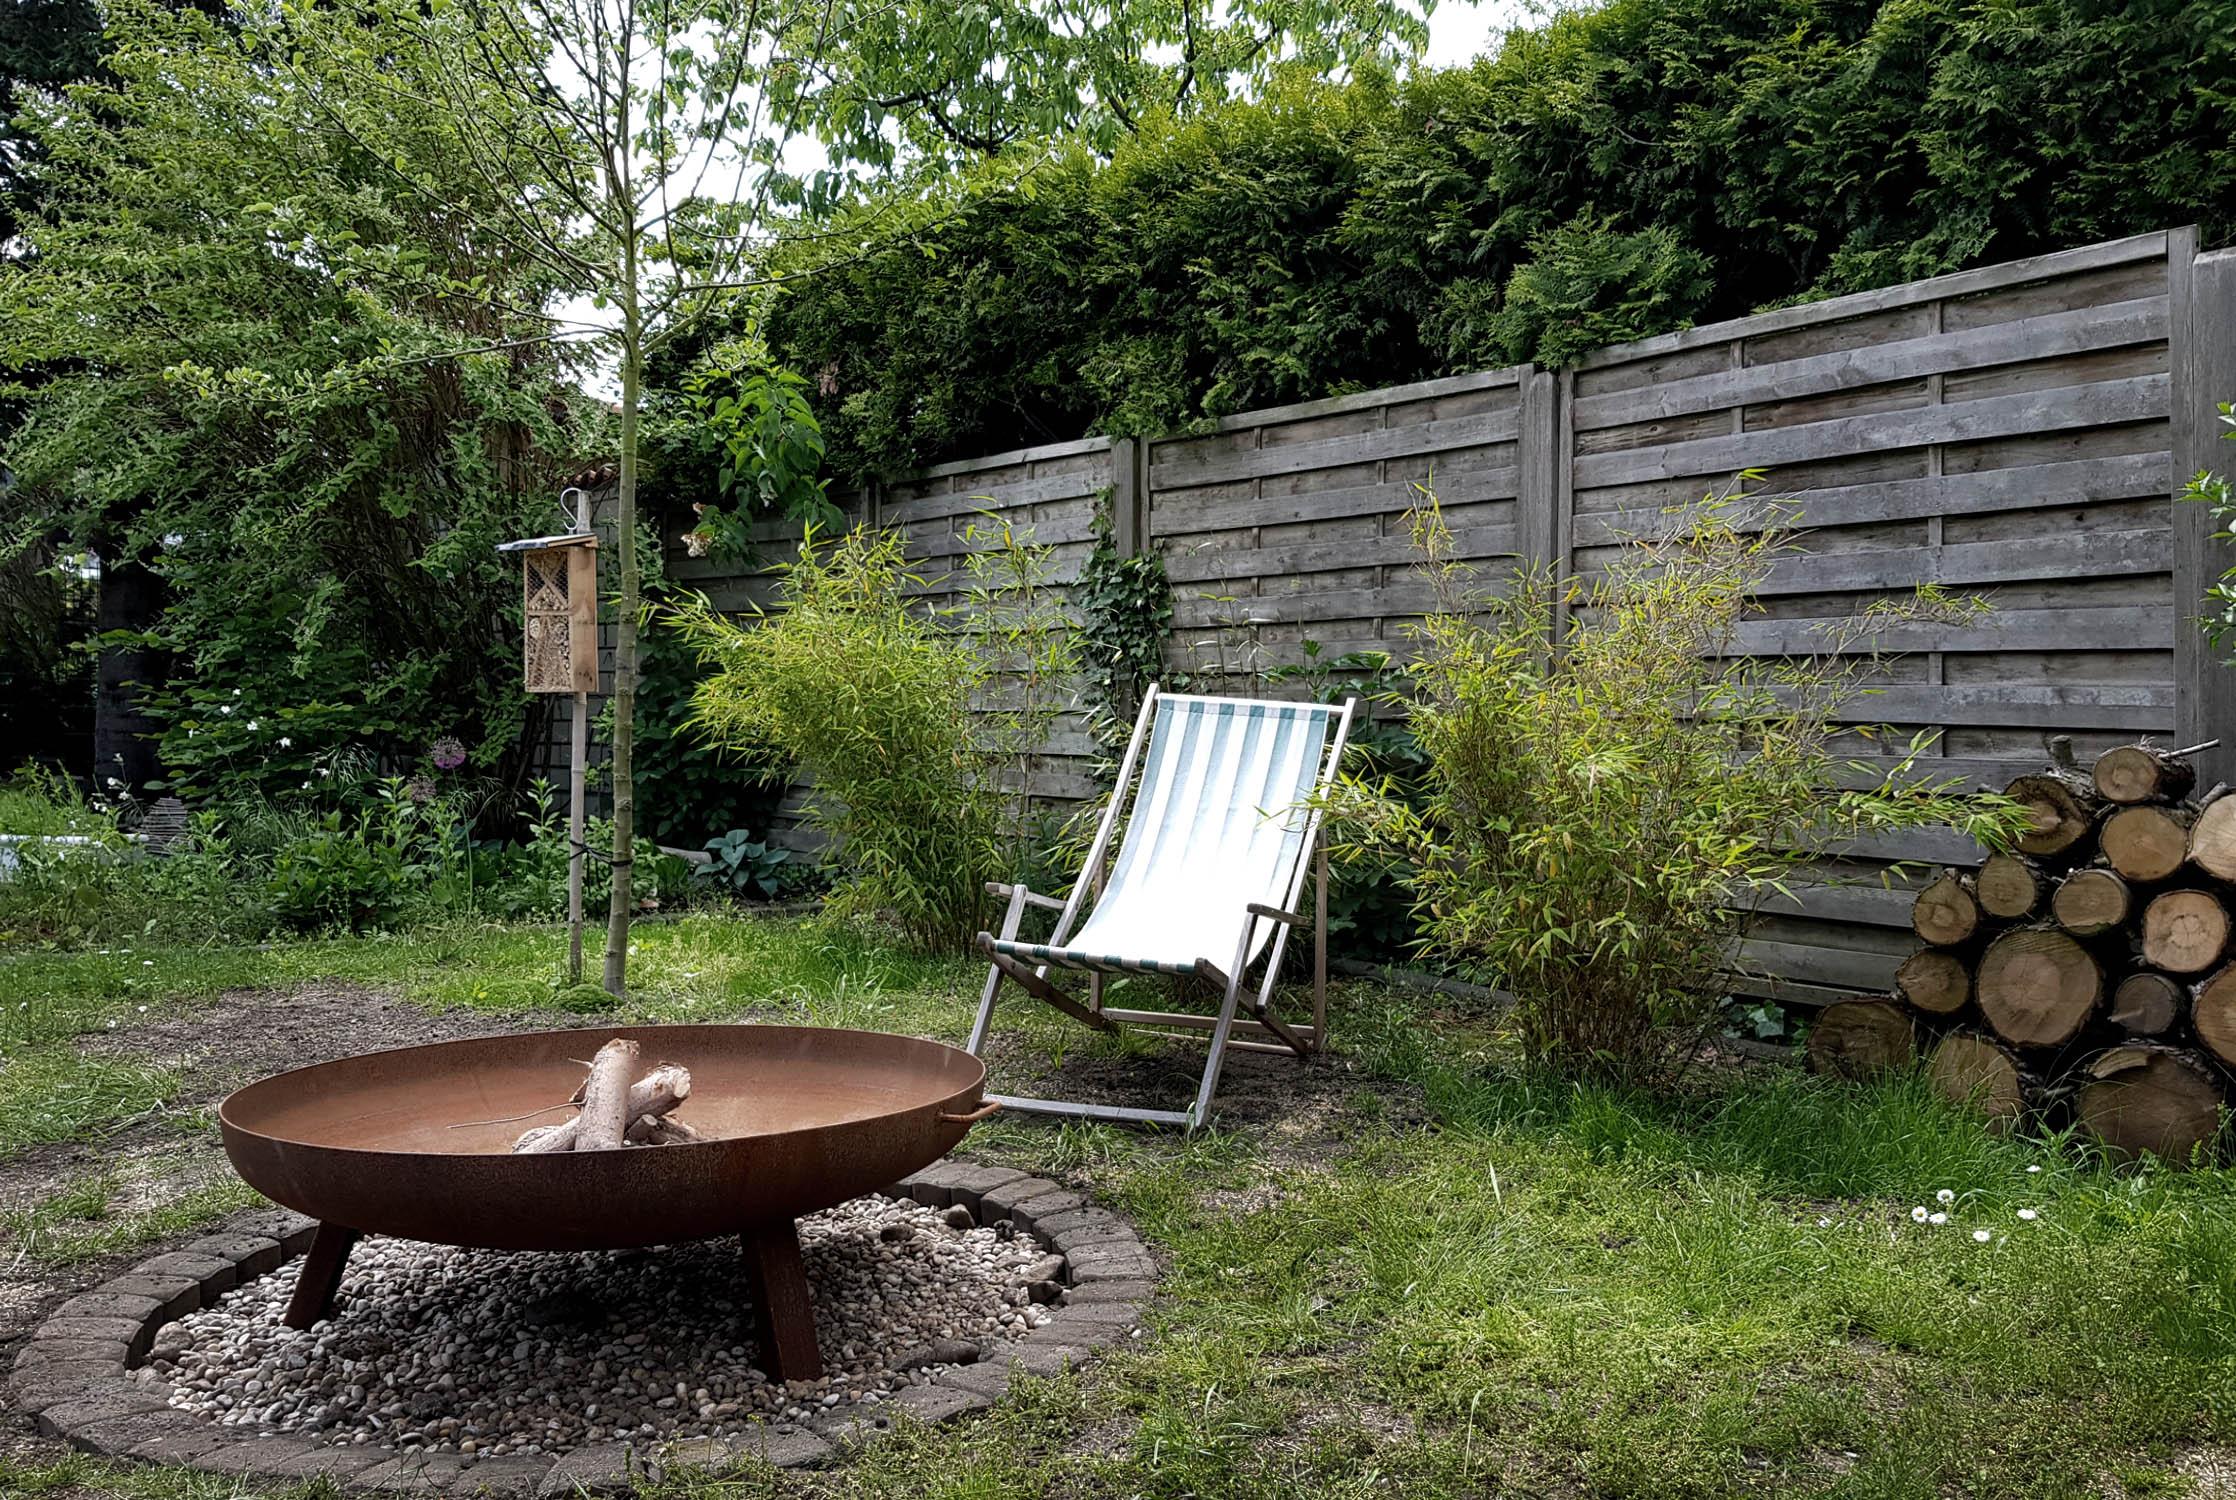 Feuerstelle bauen im Garten